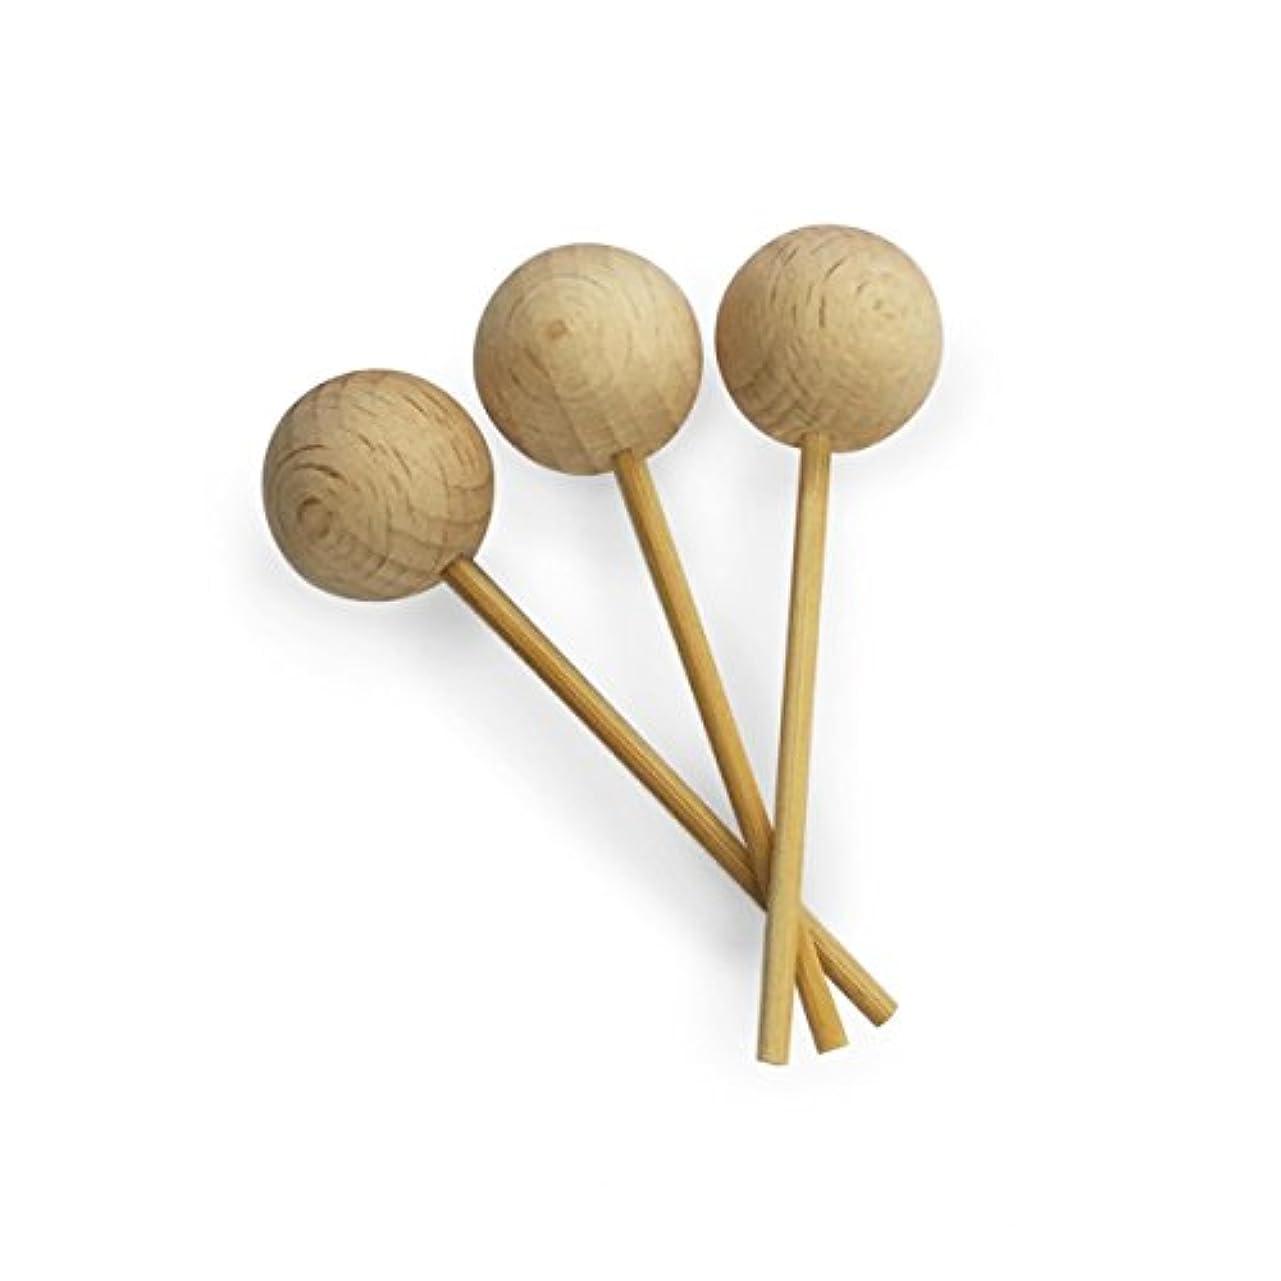 行く差し迫った付き添い人カリス成城 アロマ芳香器 木のお家 交換用木製スティック3本入